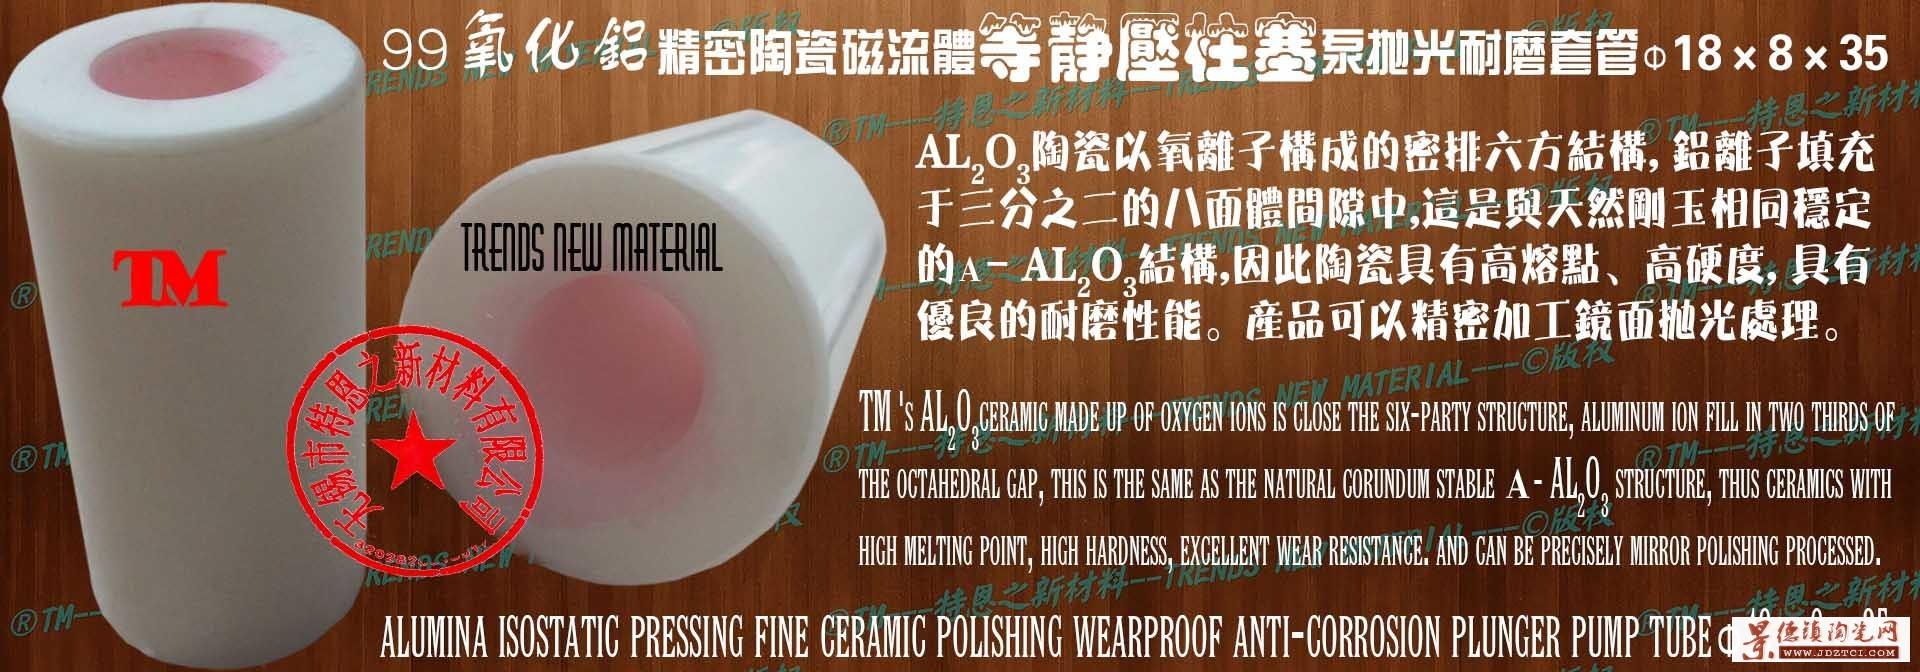 99氧化铝等静压精密陶瓷磁流体柱塞泵抛光耐磨套管φ18×8×35